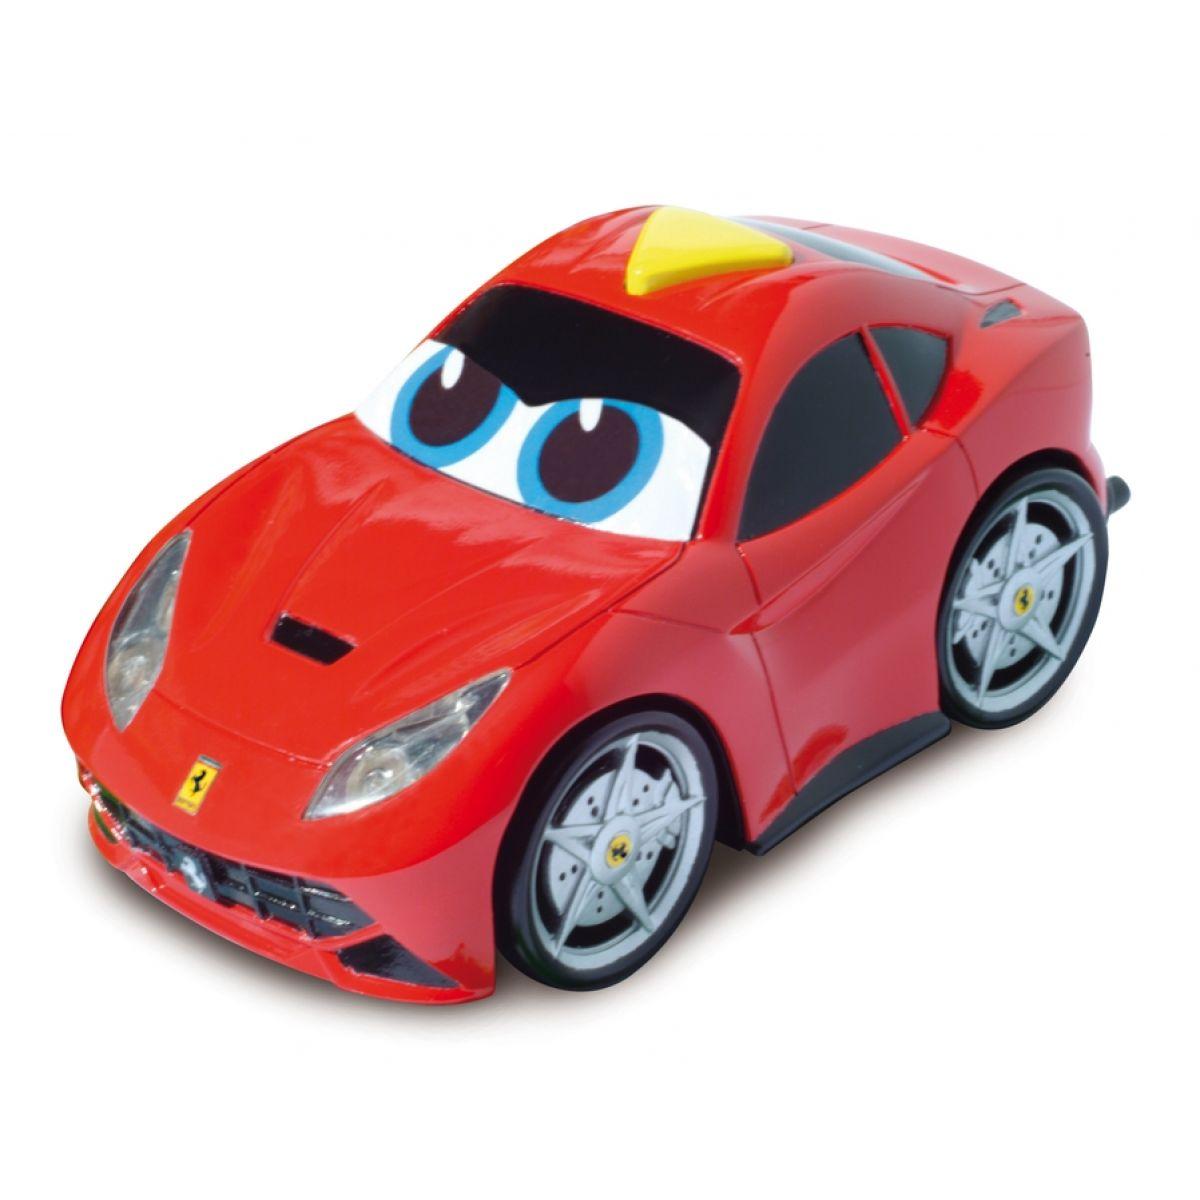 Motorama Auto Ferrari Berlinetta se zvukem a světlem - Červená